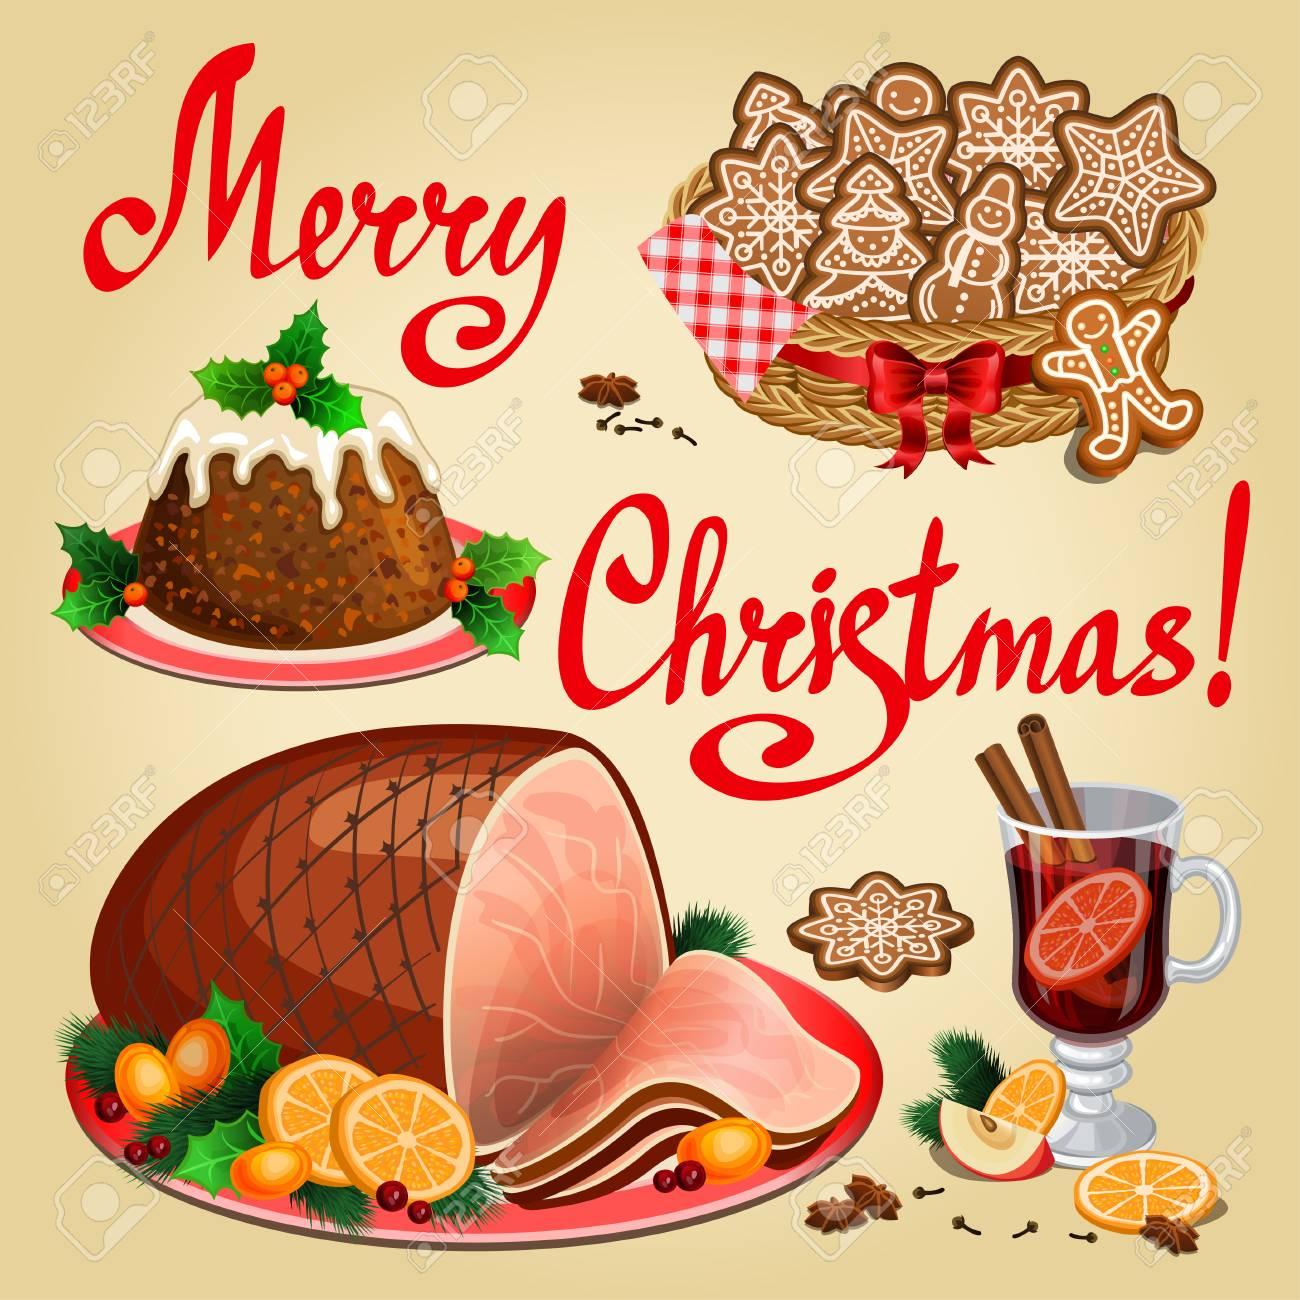 Christmas Ham Dinner.Christmas Dinner Traditional Christmas Food And Desserts Christmas